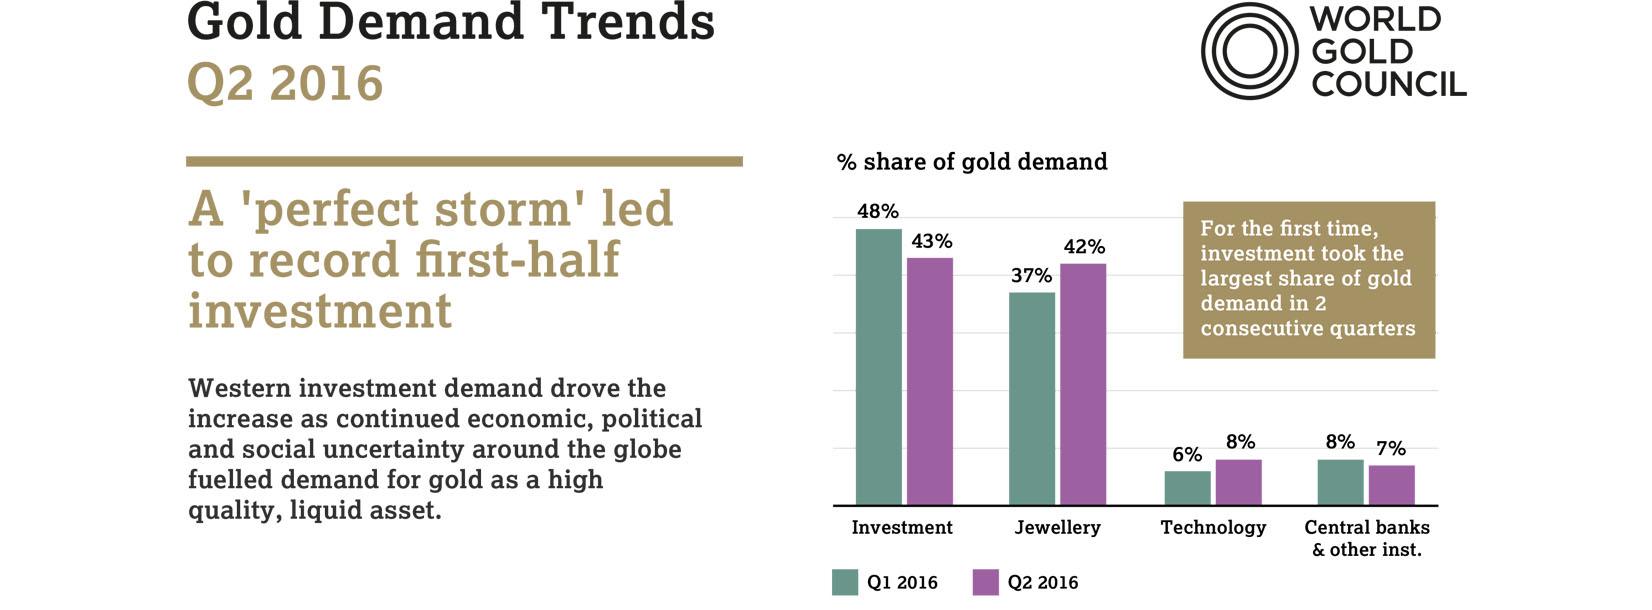 WORLD GOLD COUNCIL GOLD DEMAND TRENDS: 2Q 2016